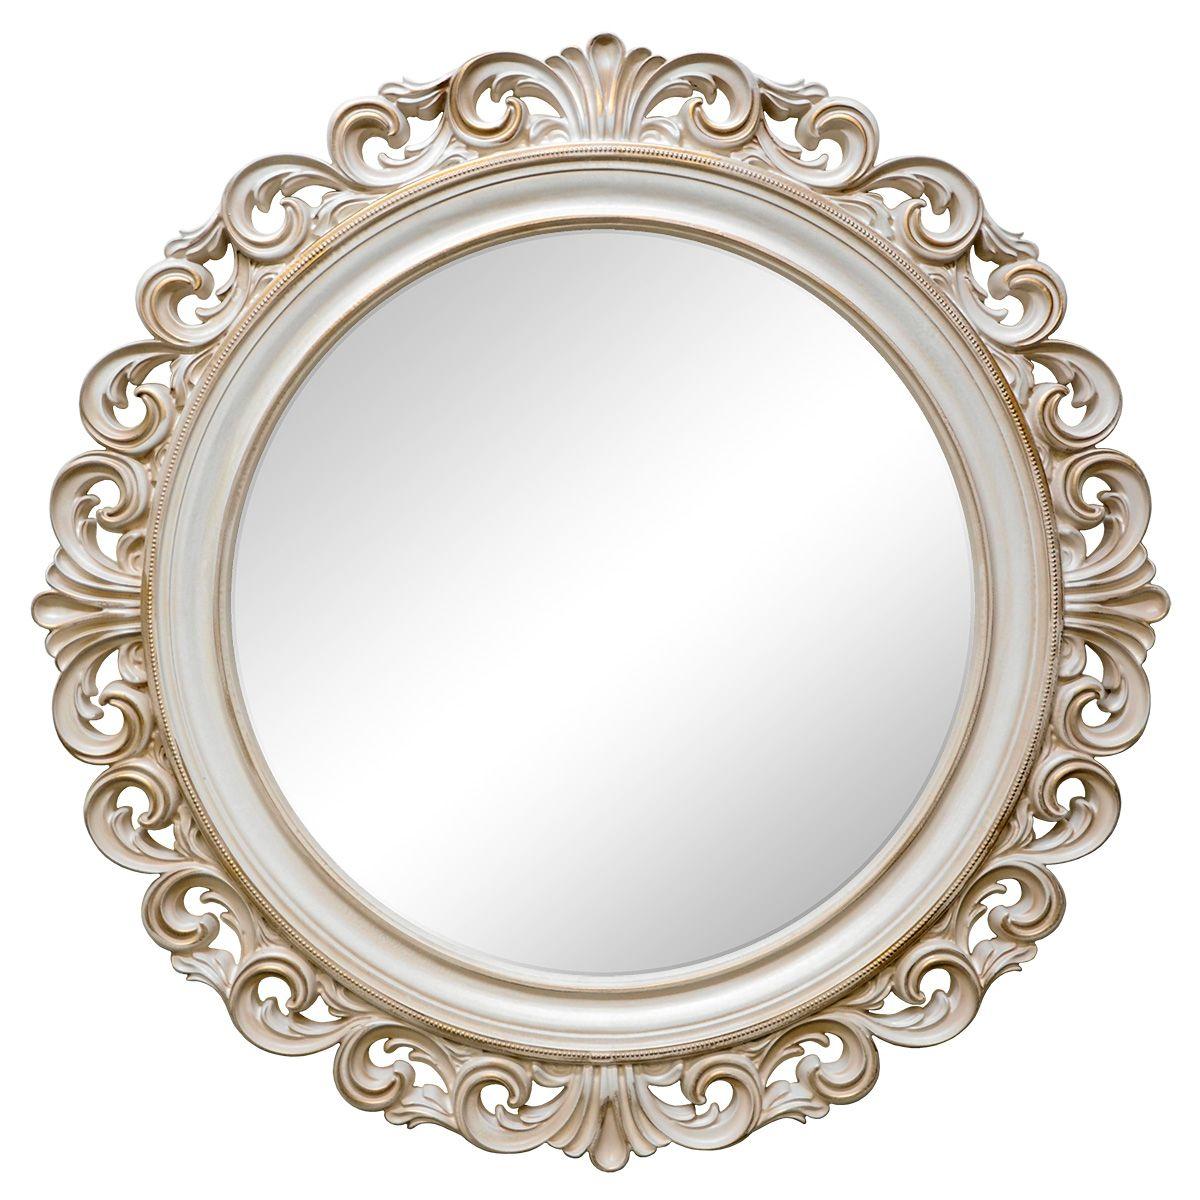 Зеркало VezzoLLi Рикиоли, цвет: слоновая кость, диаметр 90 см17-29